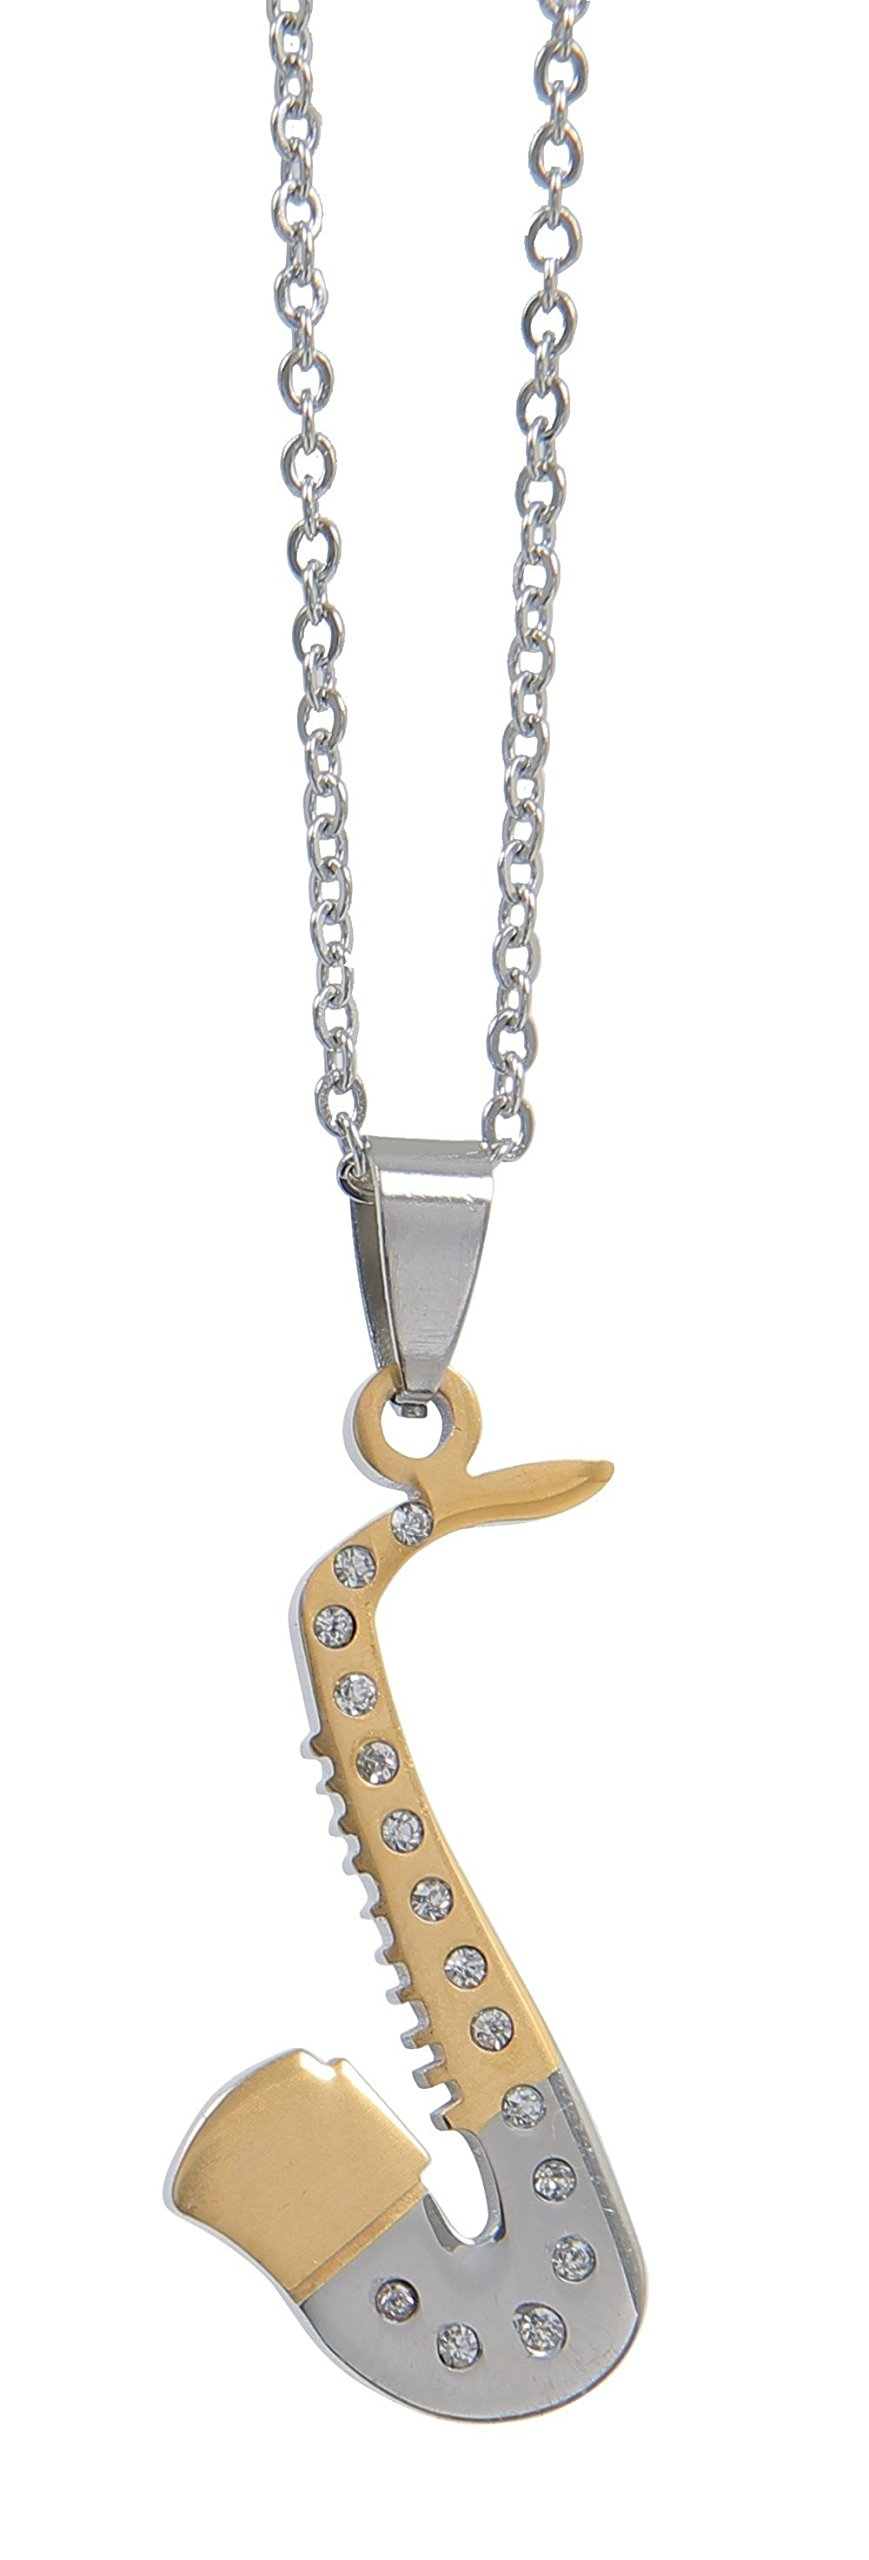 GEWA–Sassofono–Ciondolo unisex in acciaio inox con collana in acciaio inox–980282